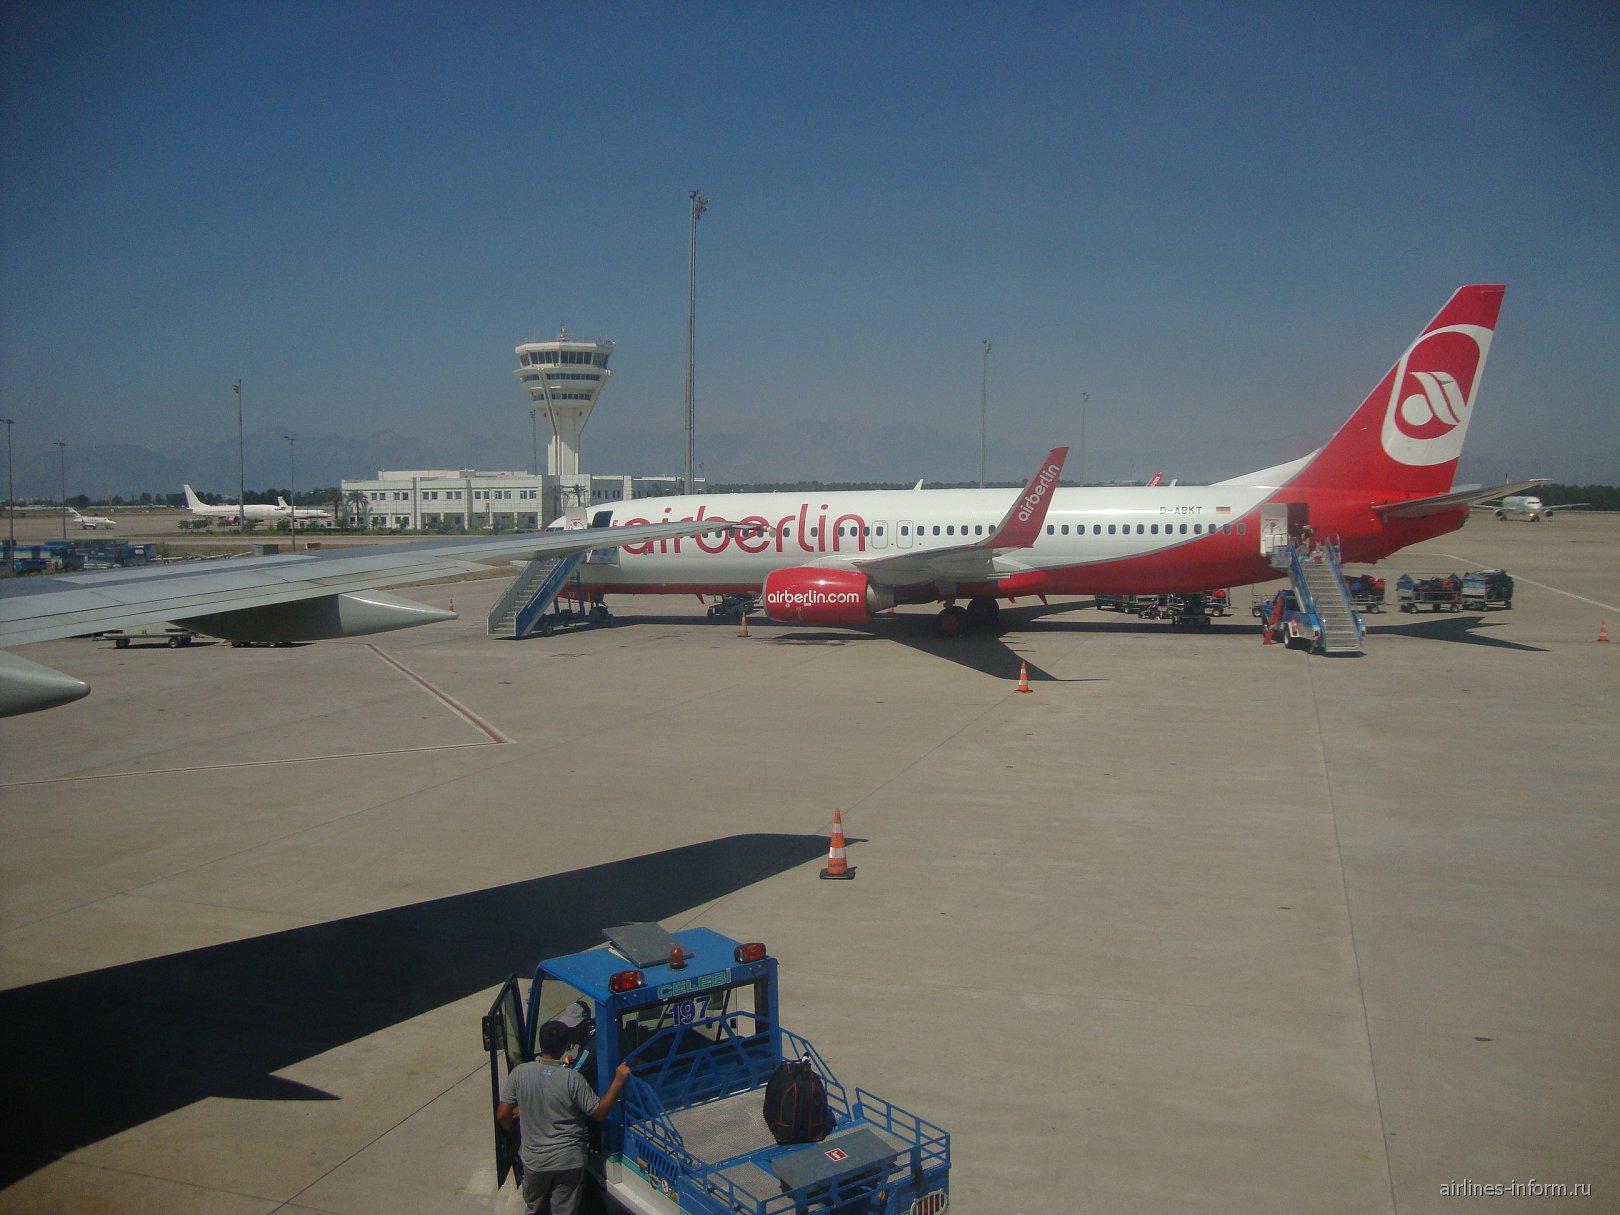 Боинг-737 Эйр Берлин в аэропорту Антальи